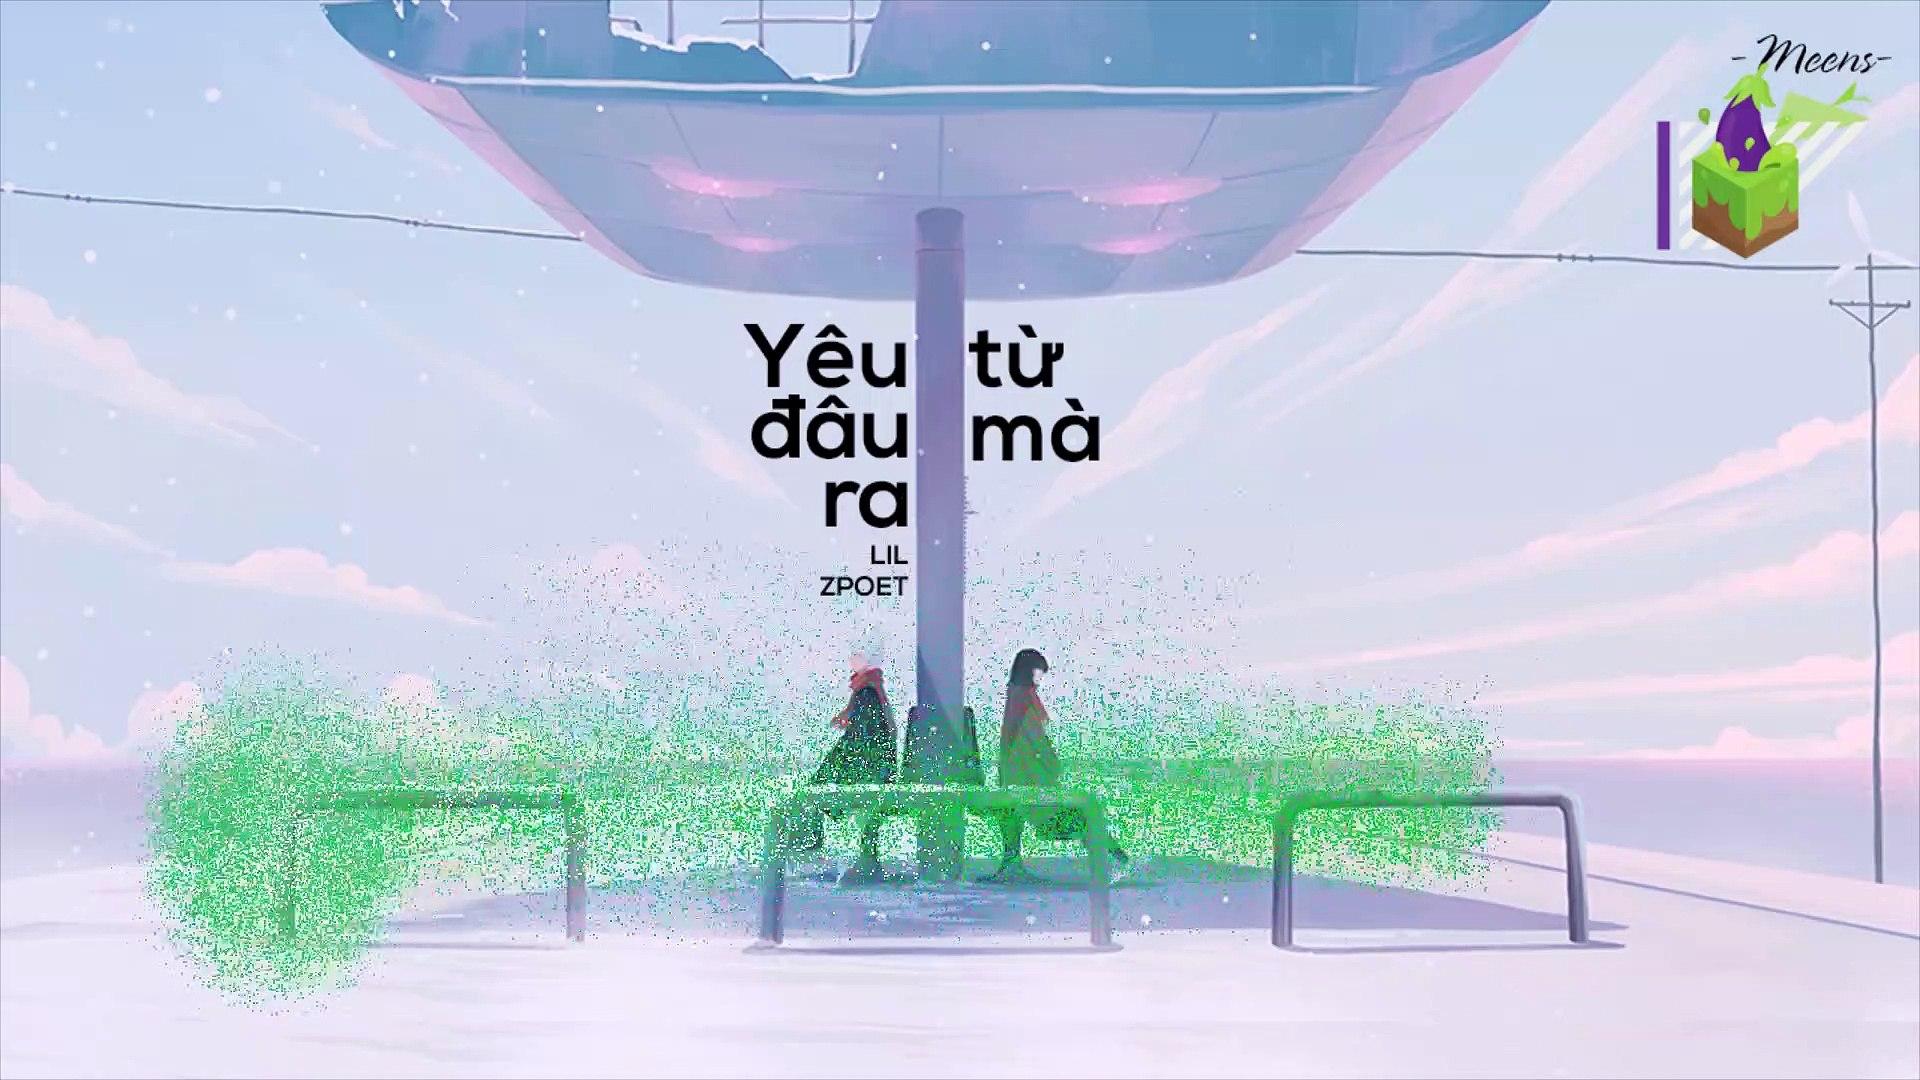 [Karaoke] Yêu Từ Đâu Mà Ra -  Lil Zpoet [Beat]